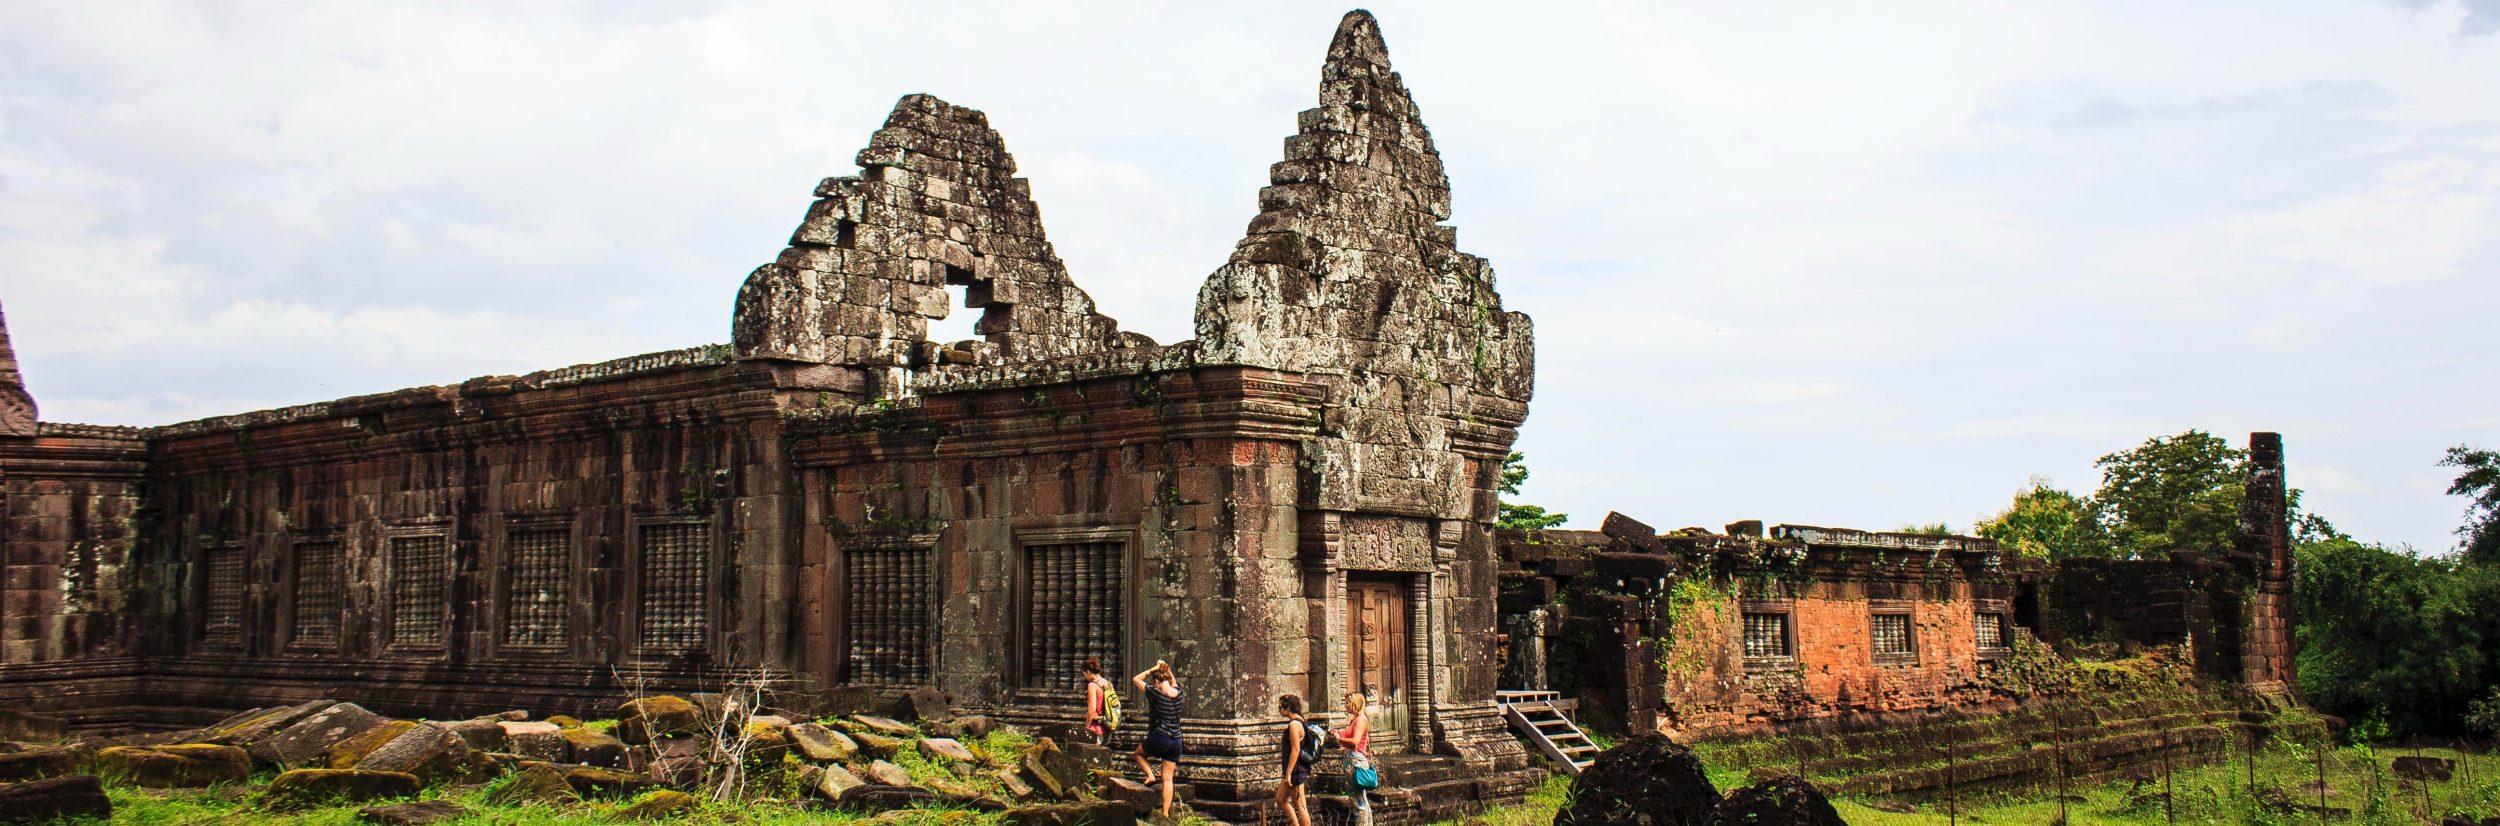 🇱🇦 ສະບາຍດີ Tonton Phet | Tradition, Culture et Coutume Laotienne